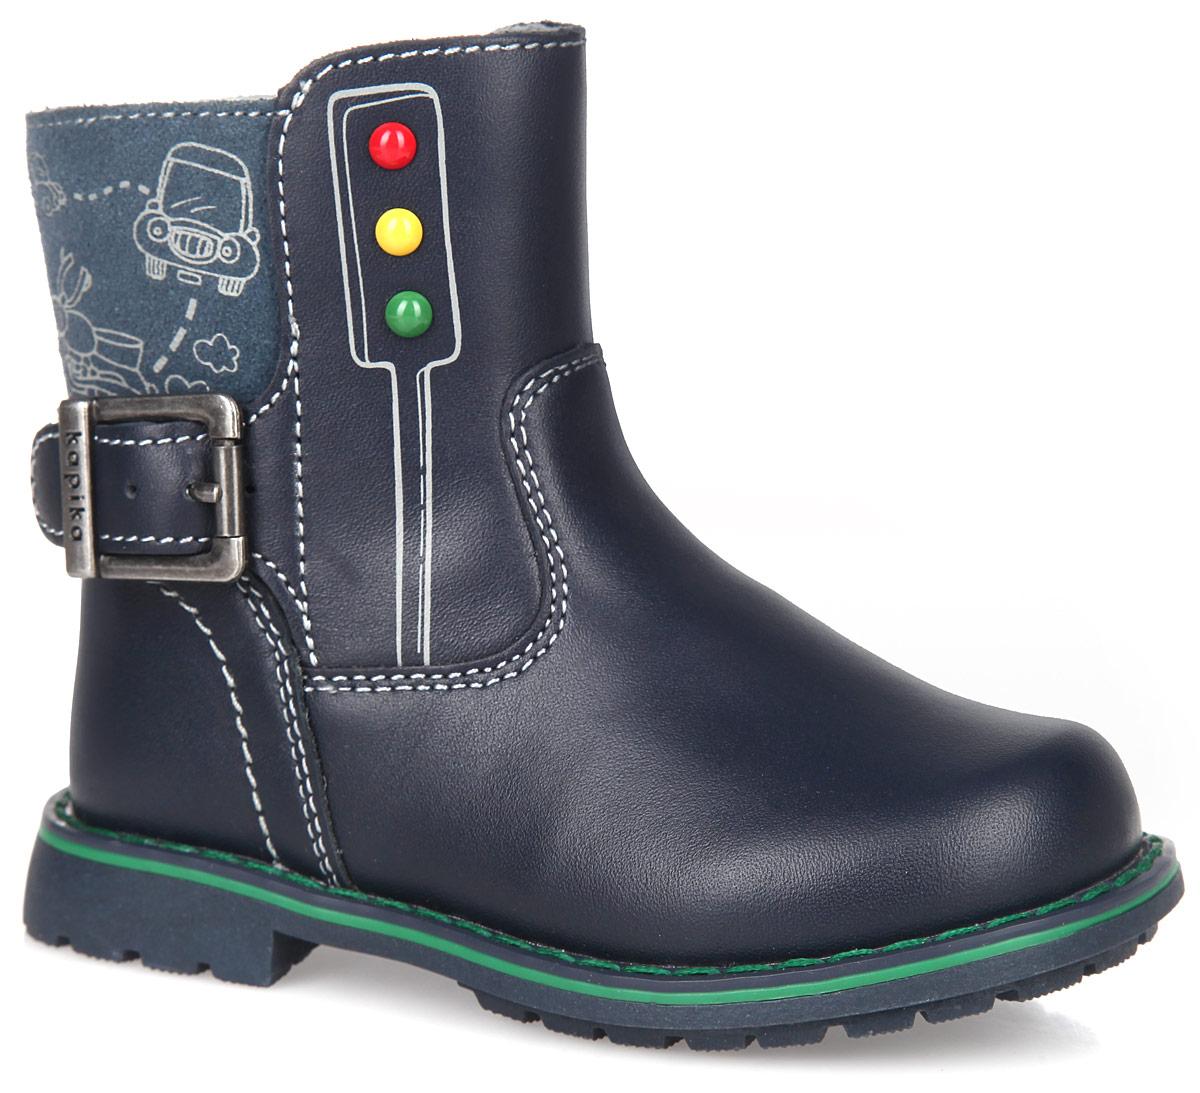 Ботинки для мальчика. 52206-152206-1Модные ботинки от Kapika приведут в восторг вашего мальчика! Модель выполнена из натуральной кожи и дополнена вставкой из натуральной замши. Обувь оформлена цветными металлическими заклепками, крупной прострочкой вдоль ранта и декоративным ремешком с пряжкой. Застегивается модель на застежку-молнию. Мягкая подкладка и стелька, выполненные из текстиля с добавлением шерсти, согреют ножки вашего мальчика в холодную погоду. Стелька дополнена супинатором с перфорацией, который обеспечивает правильное положение ноги ребенка при ходьбе, предотвращает плоскостопие. Каблук и подошва с рифлением гарантируют отличное сцепление с любыми поверхностями. Удобные ботинки - необходимая вещь в гардеробе каждого ребенка.